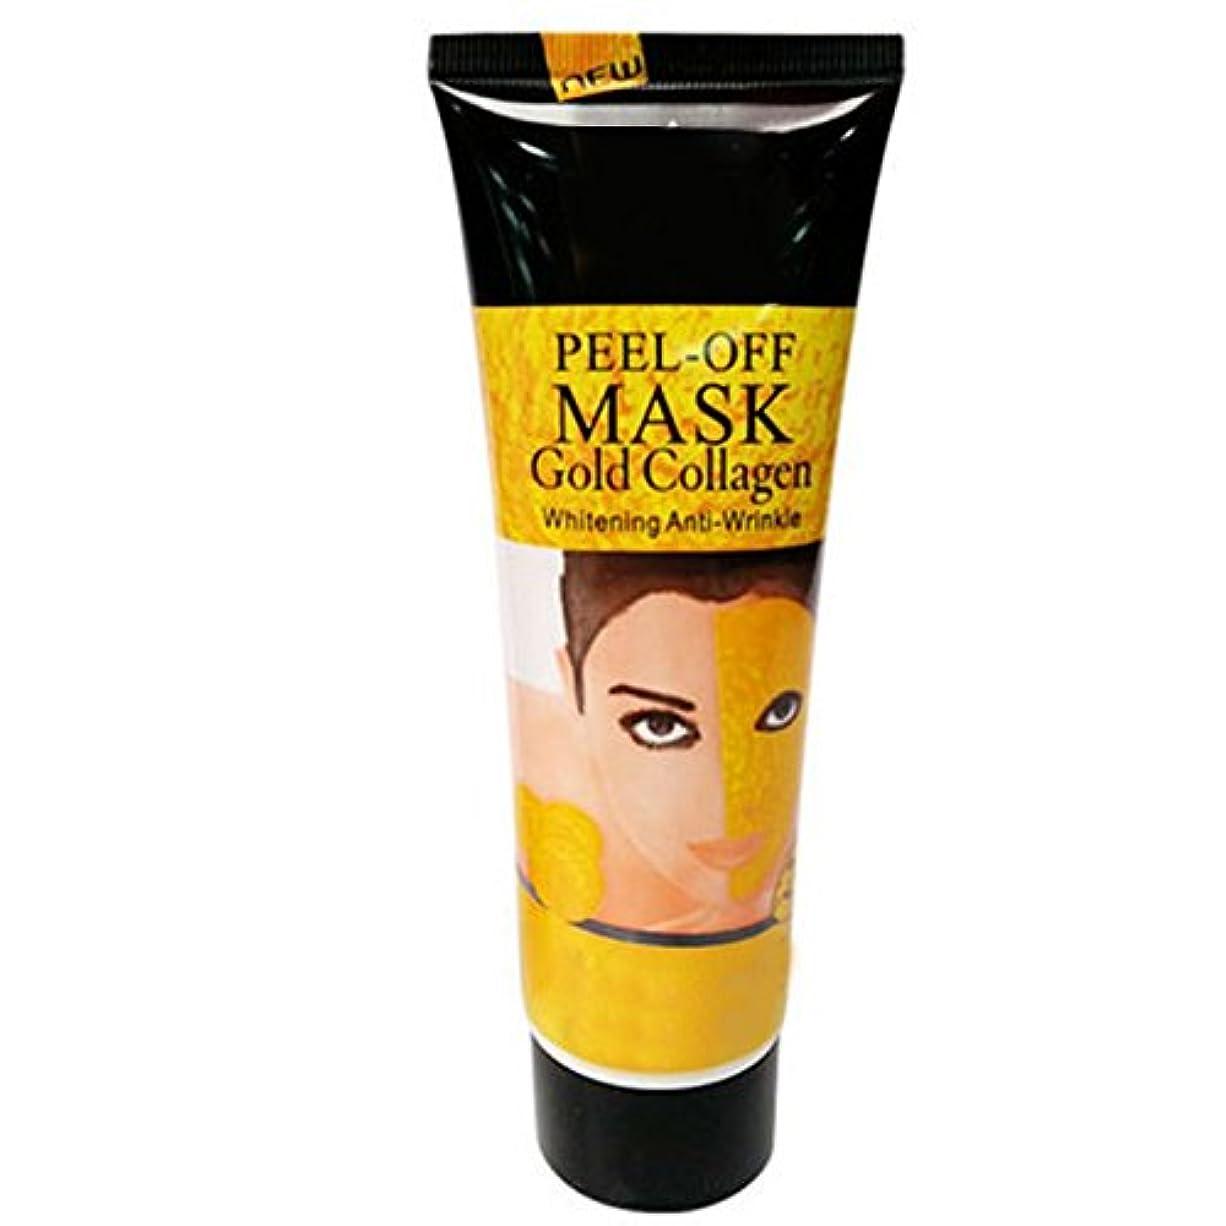 瞬時に兵士ブランドFunwill 24Kゴールドマスク ゴールドコラーゲンパック アンチエイジングパック スキンケアマスク しわ、黒ずみ、しみなどを除き たるみ肌改善 くすみ改善 しっかりしている肌に戻る